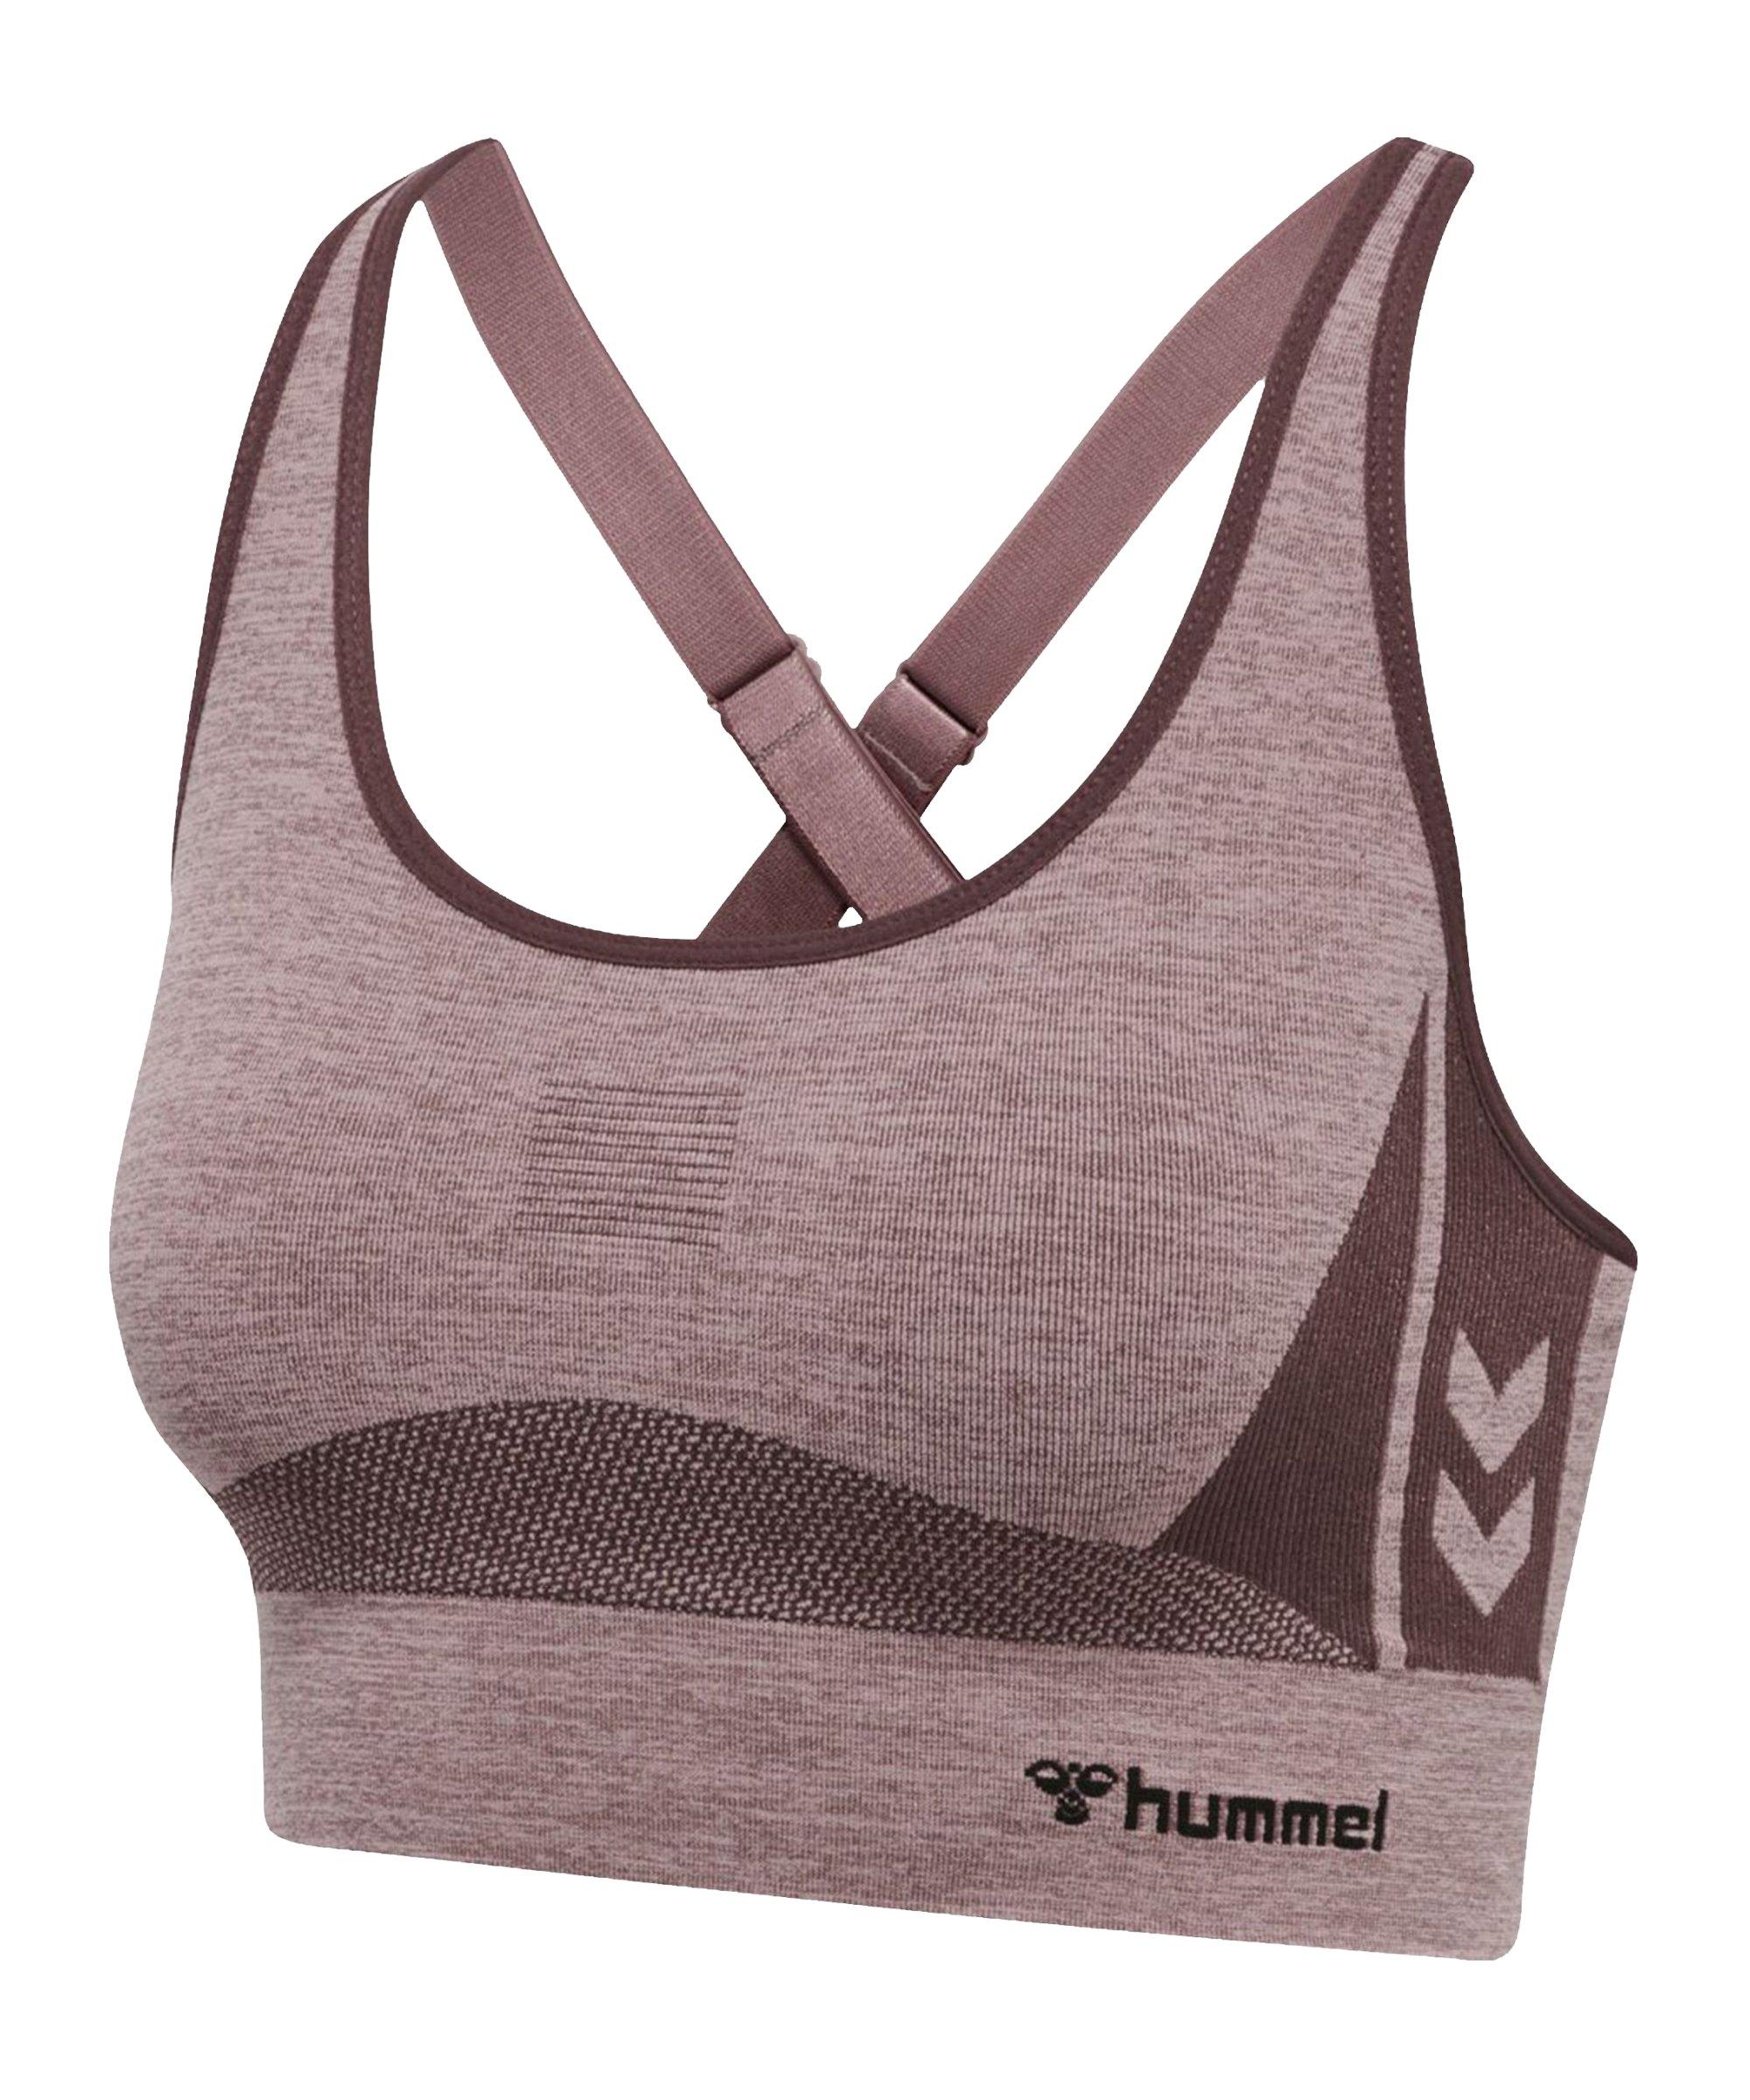 Hummel hmlcea Seamless Sports Top Damen F8018 - braun